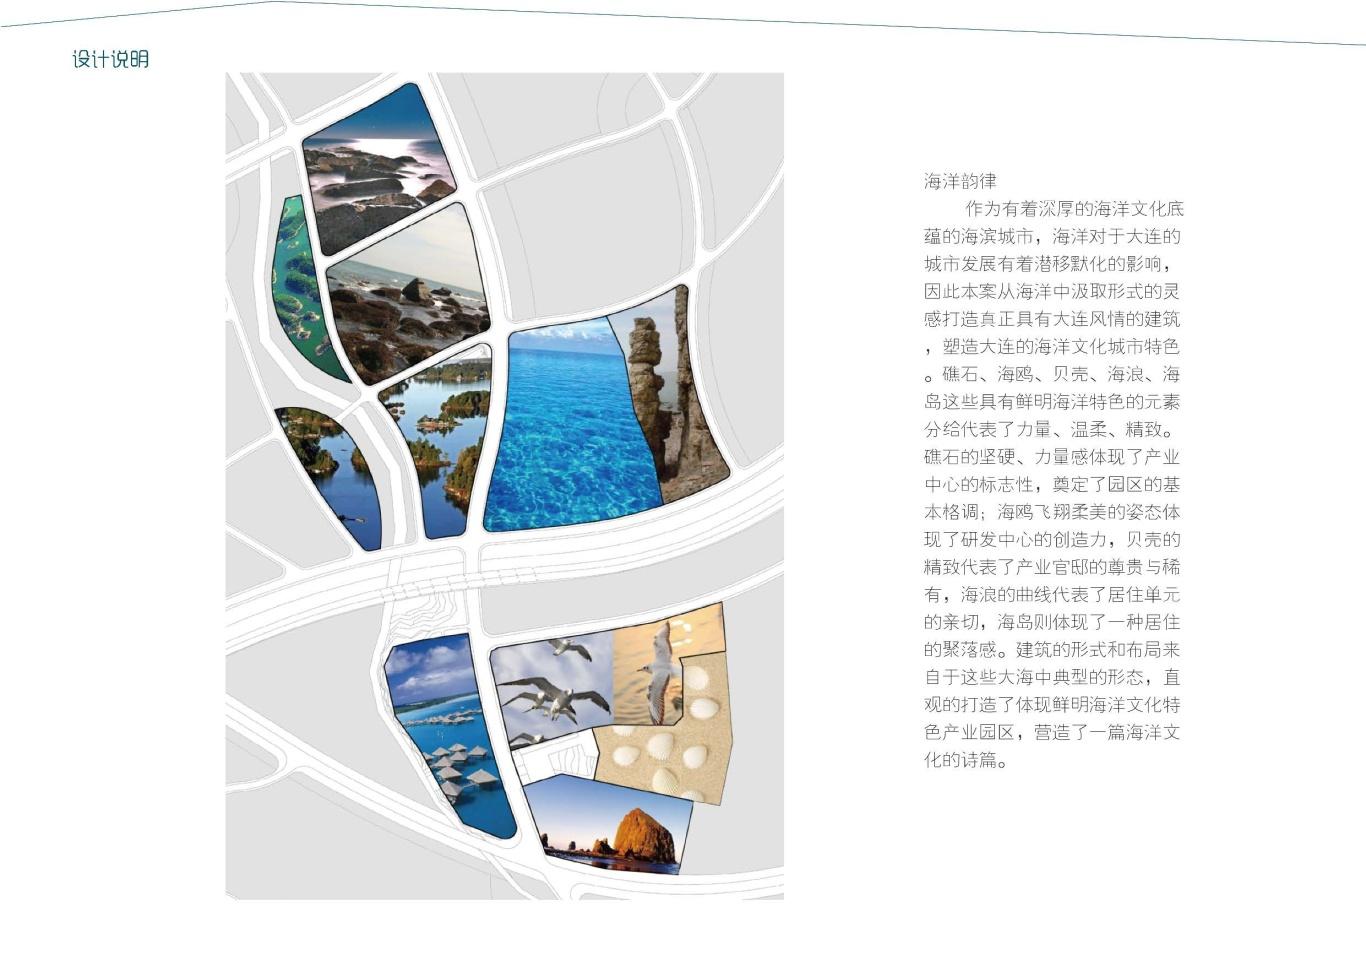 大连泰达慧谷开发区导视系统设计图21